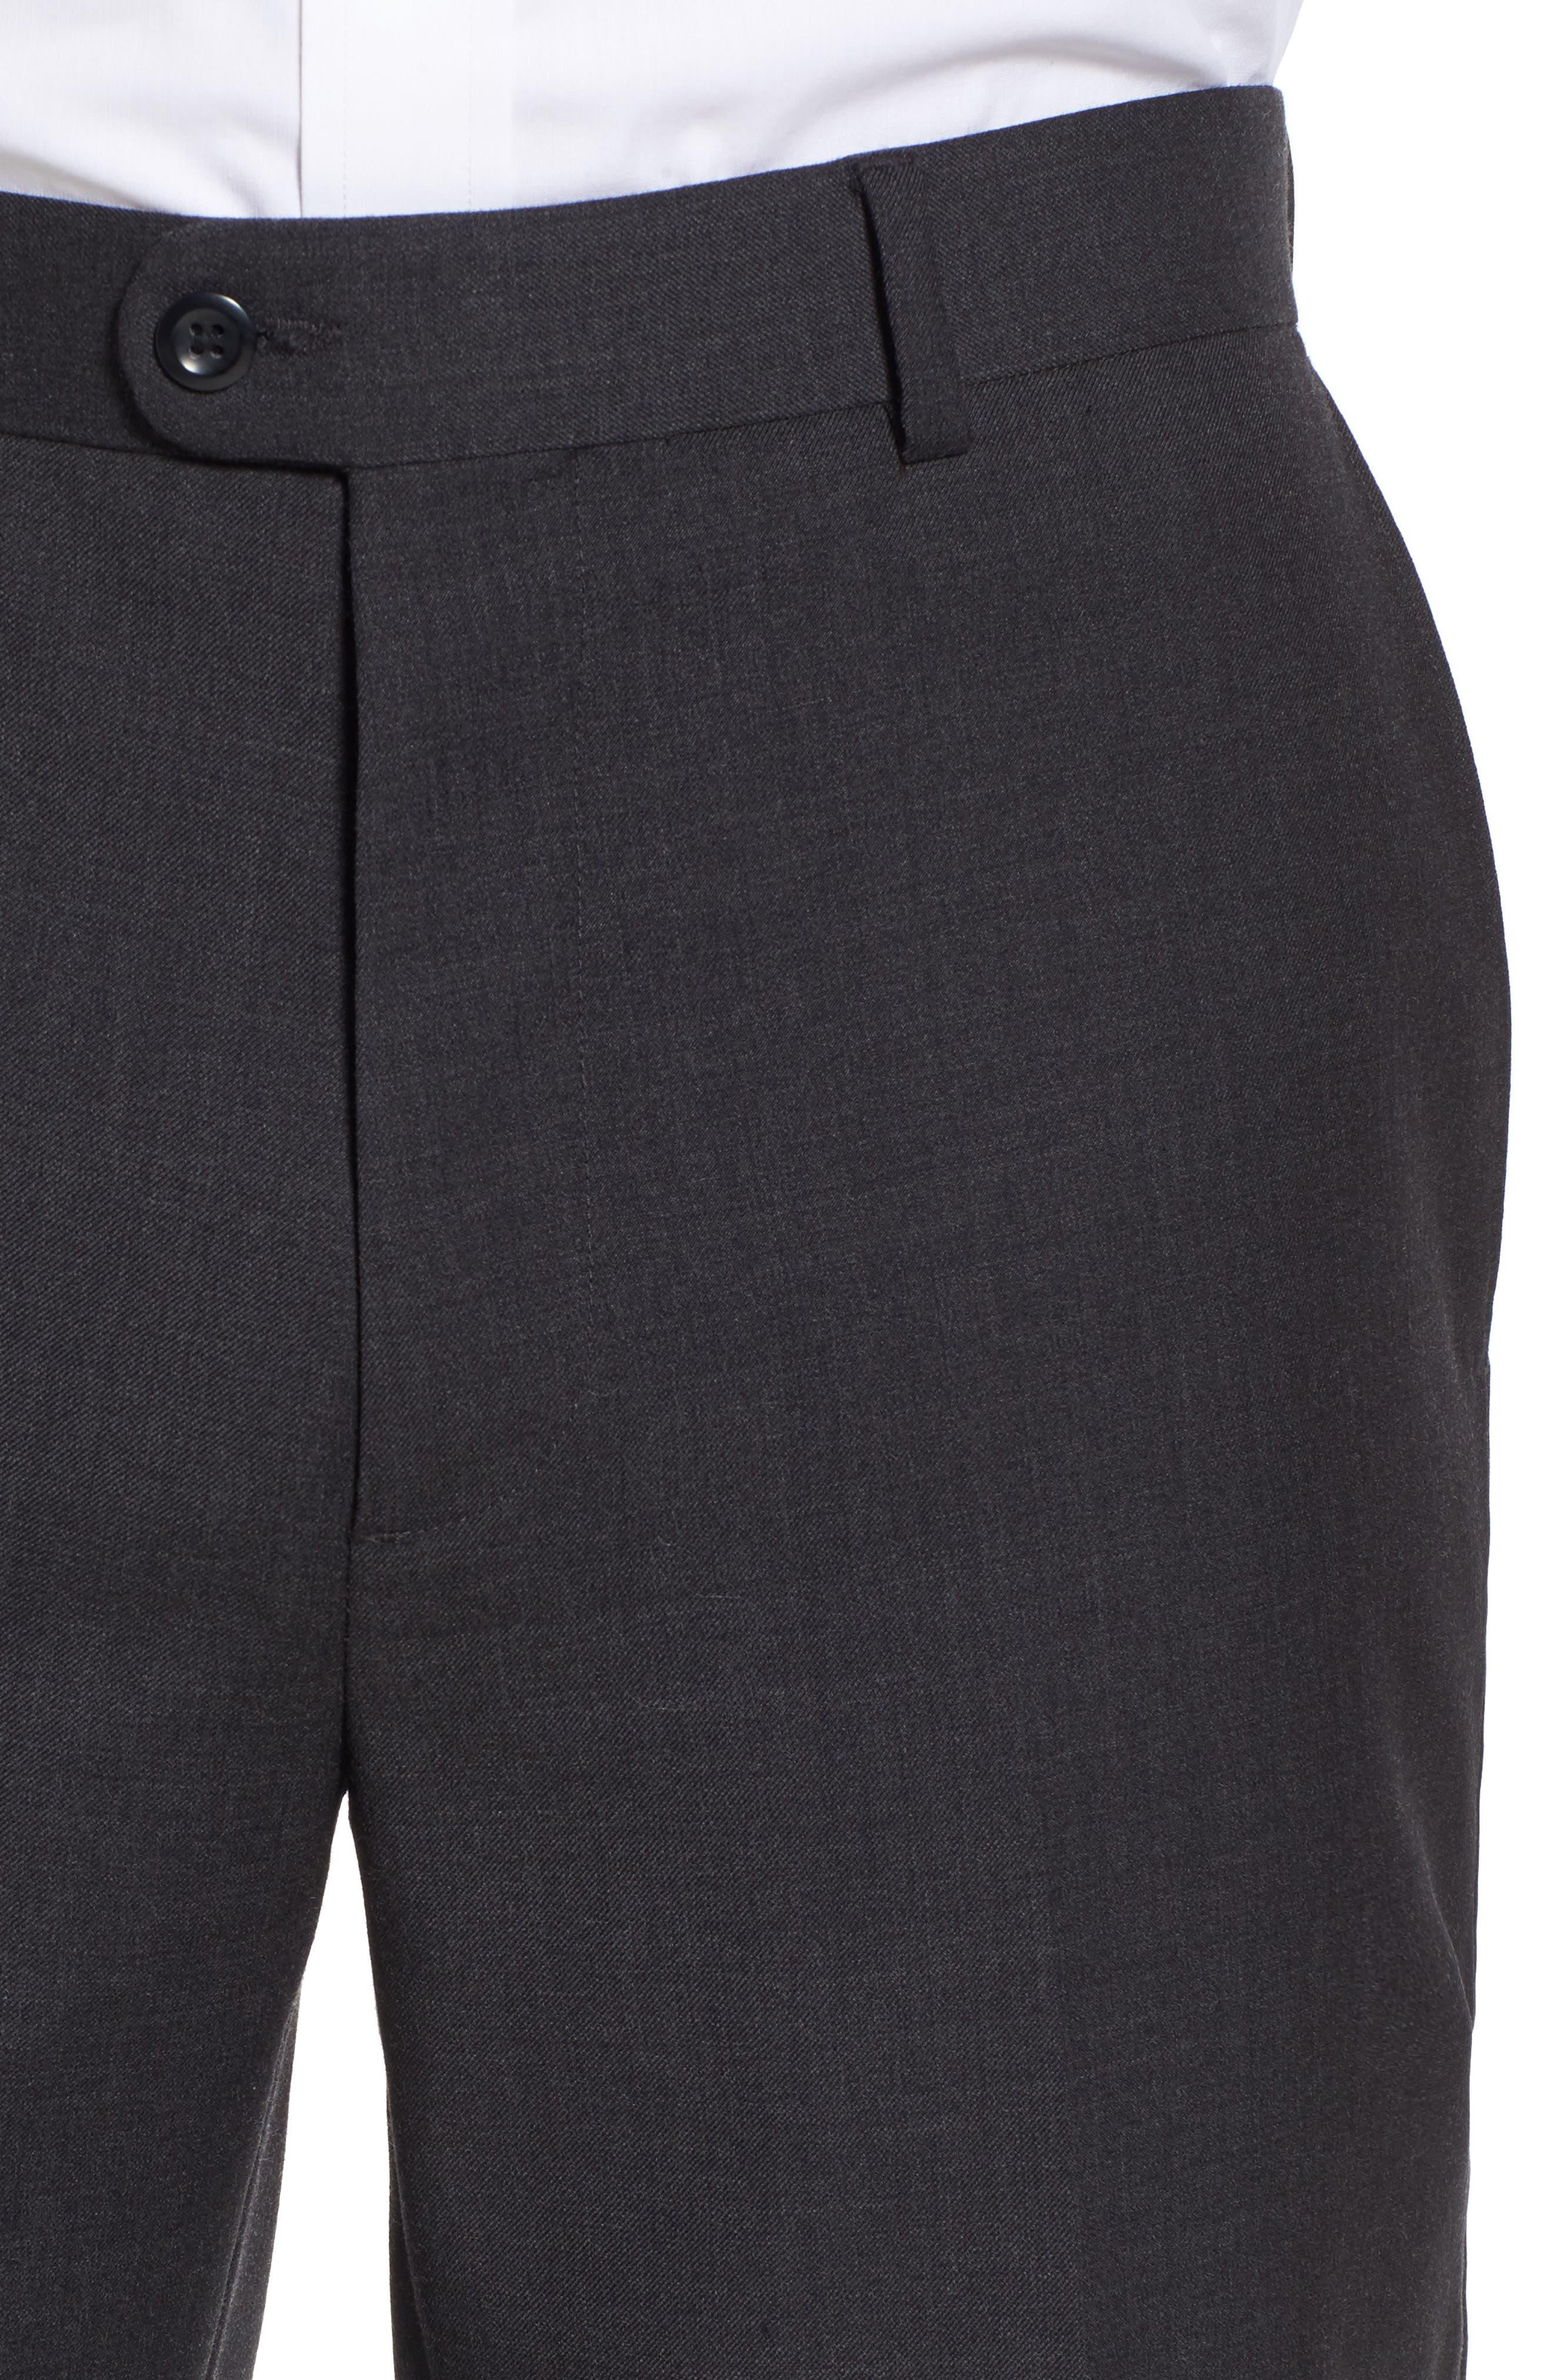 Gab Trim Fit Flat Front Pants,                             Alternate thumbnail 5, color,                             002